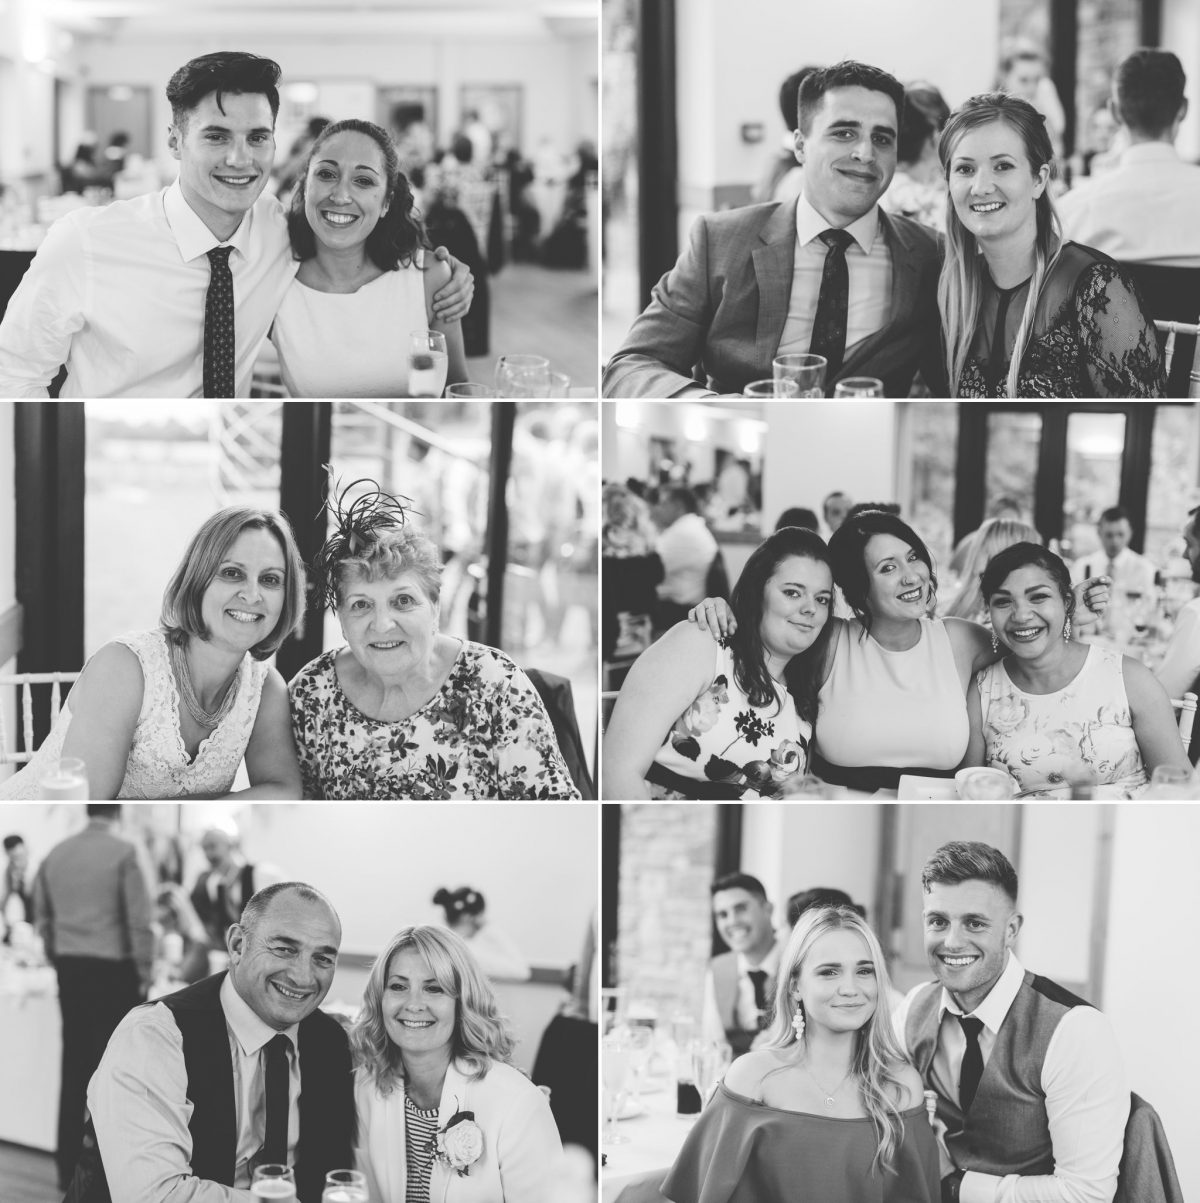 welsh_wedding_photographer_rachel_lambert_photography_canada_lake_lodge_michaela_haydn_ 86